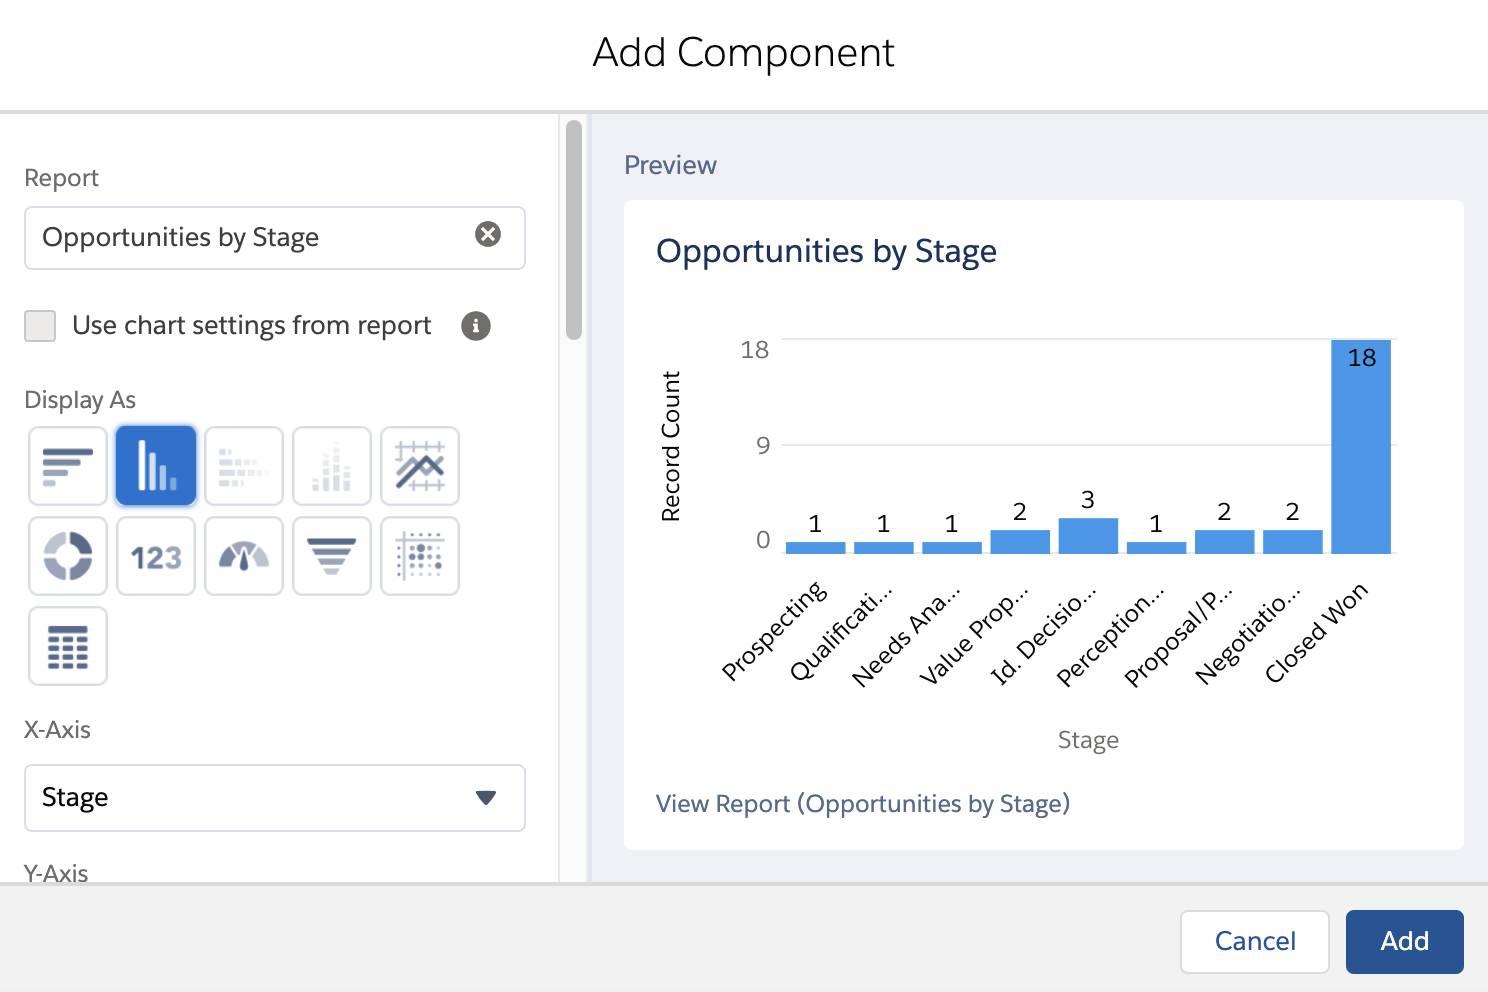 Der Dashboard-Editor enthält Komponententypen im Abschnitt 'Display As' (Anzeigen als). Für dieses Projekt wählen Sie die Komponente 'Vertical Bar Chart' (Vertikales Balkendiagramm). Das Feld 'Report' (Bericht) sollte den bei diesem Projekt erstellten Bericht mit dem Titel 'Opportunities by Stage' enthalten. Klicken Sie auf 'Add' (Hinzufügen), um die Komponente hinzuzufügen.